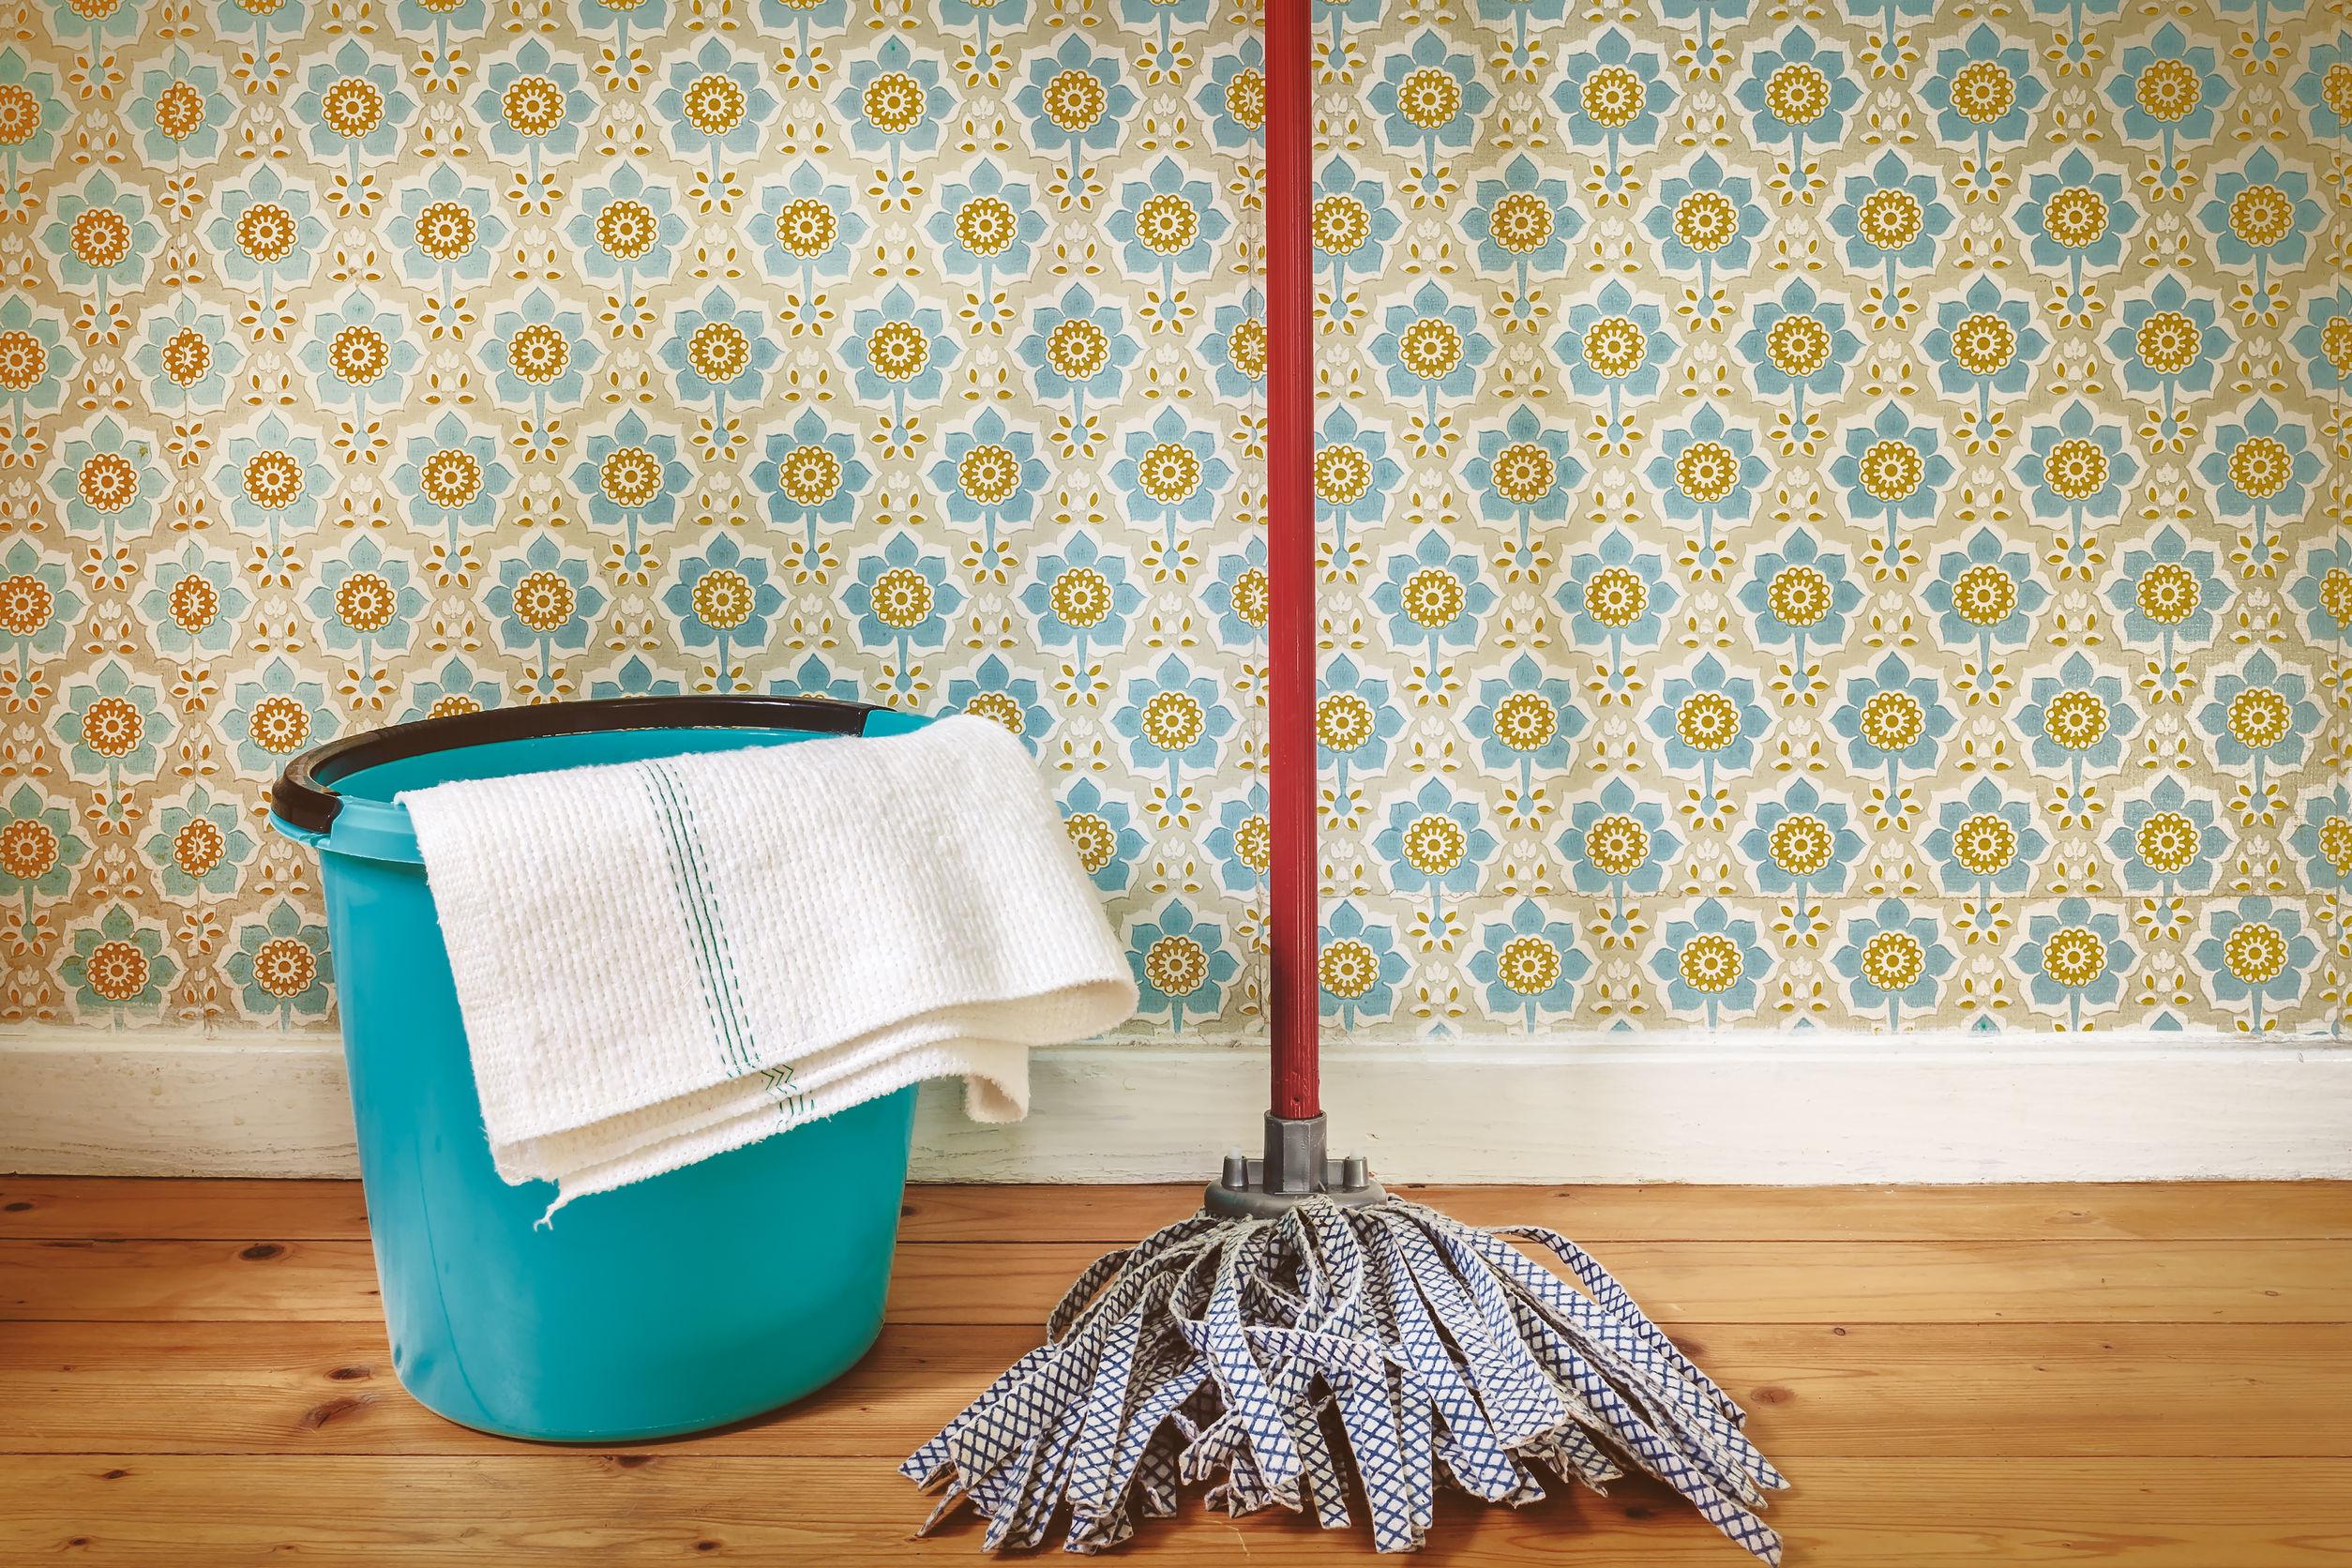 Imagen en tonos sepia de un trapeador y un balde delante del papel tapiz retro